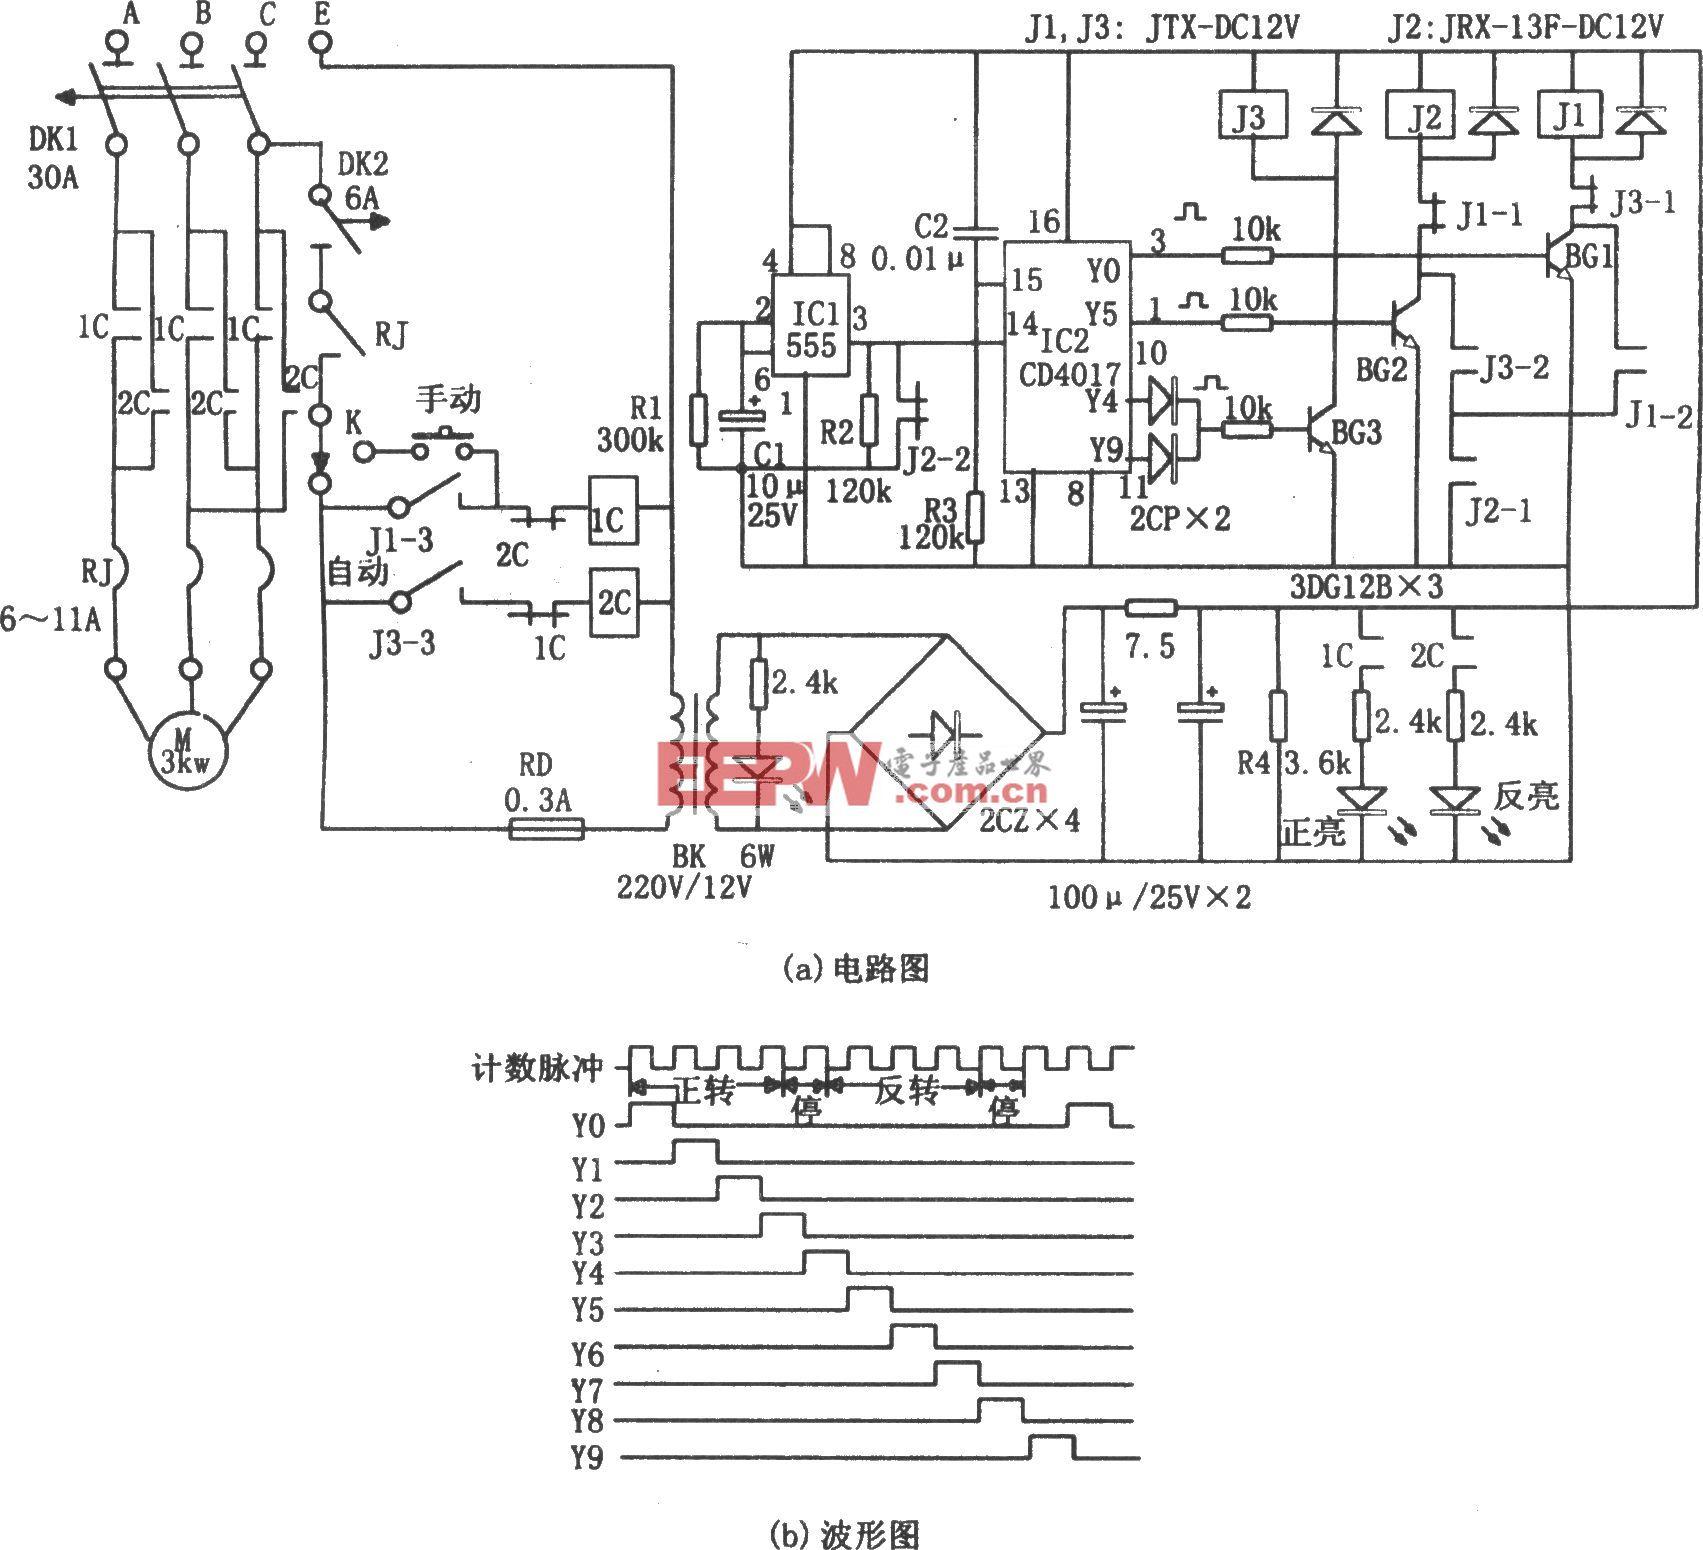 大型滚筒式洗衣机电控器(CD4017、555)